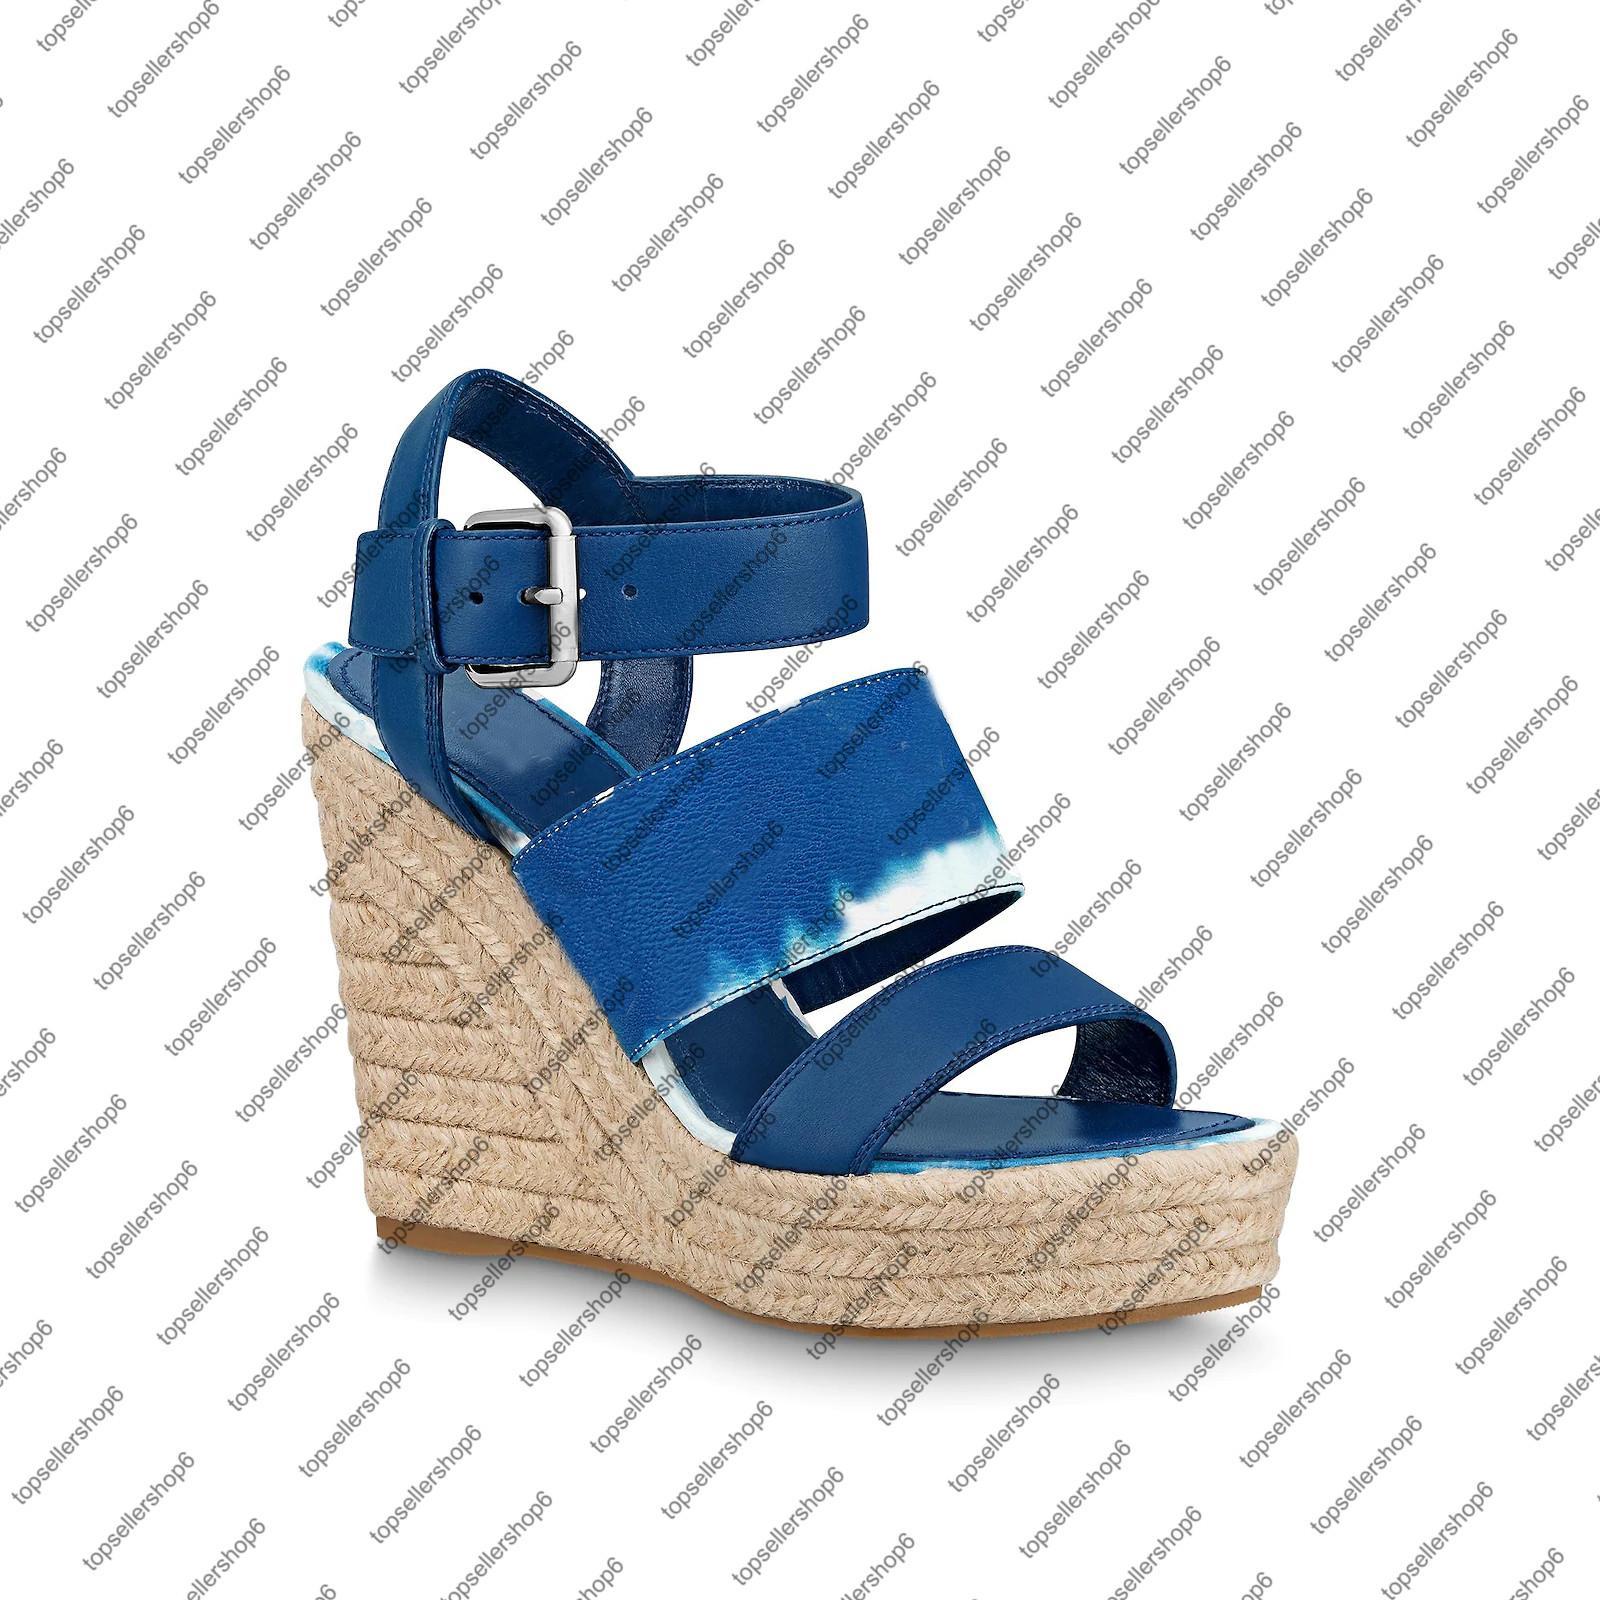 ESCALE 우현 WEDGE 여성 플랫폼 샌들 캔버스 넥타이 염색 신발 밑창 고무 버클 새겨진 블루 12cm 하이힐 샌들을 에스파 드리 유